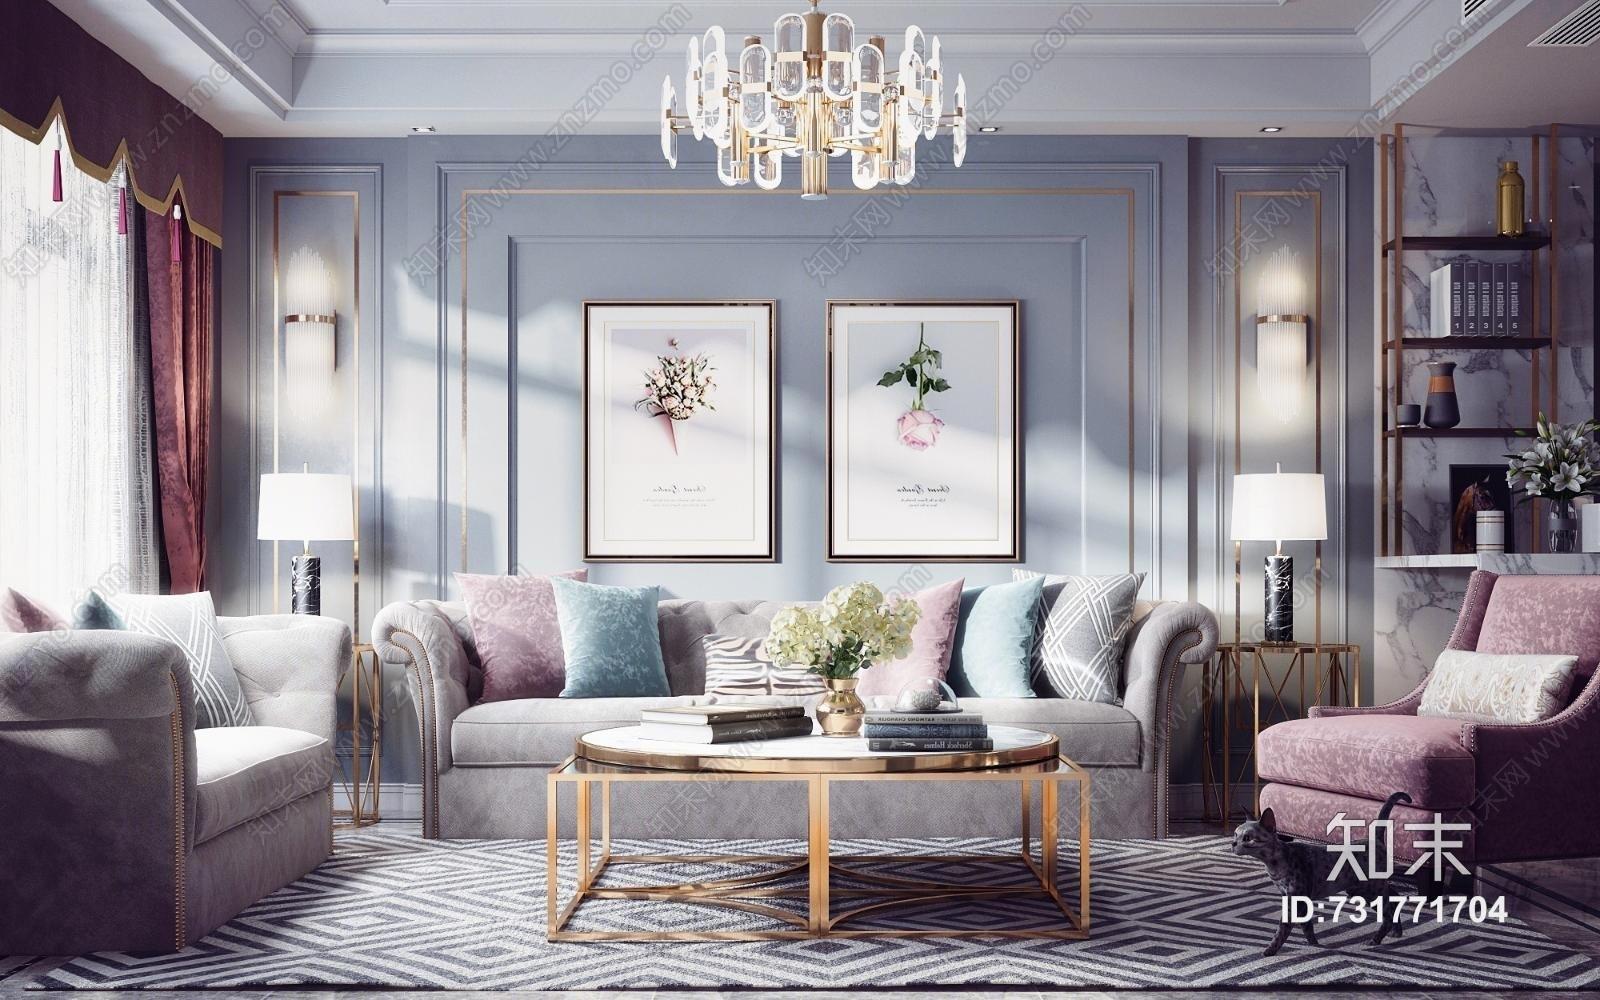 现代轻奢客厅餐厅 沙发组合 灯具 餐桌椅 挂画 茶几 装饰品 窗帘